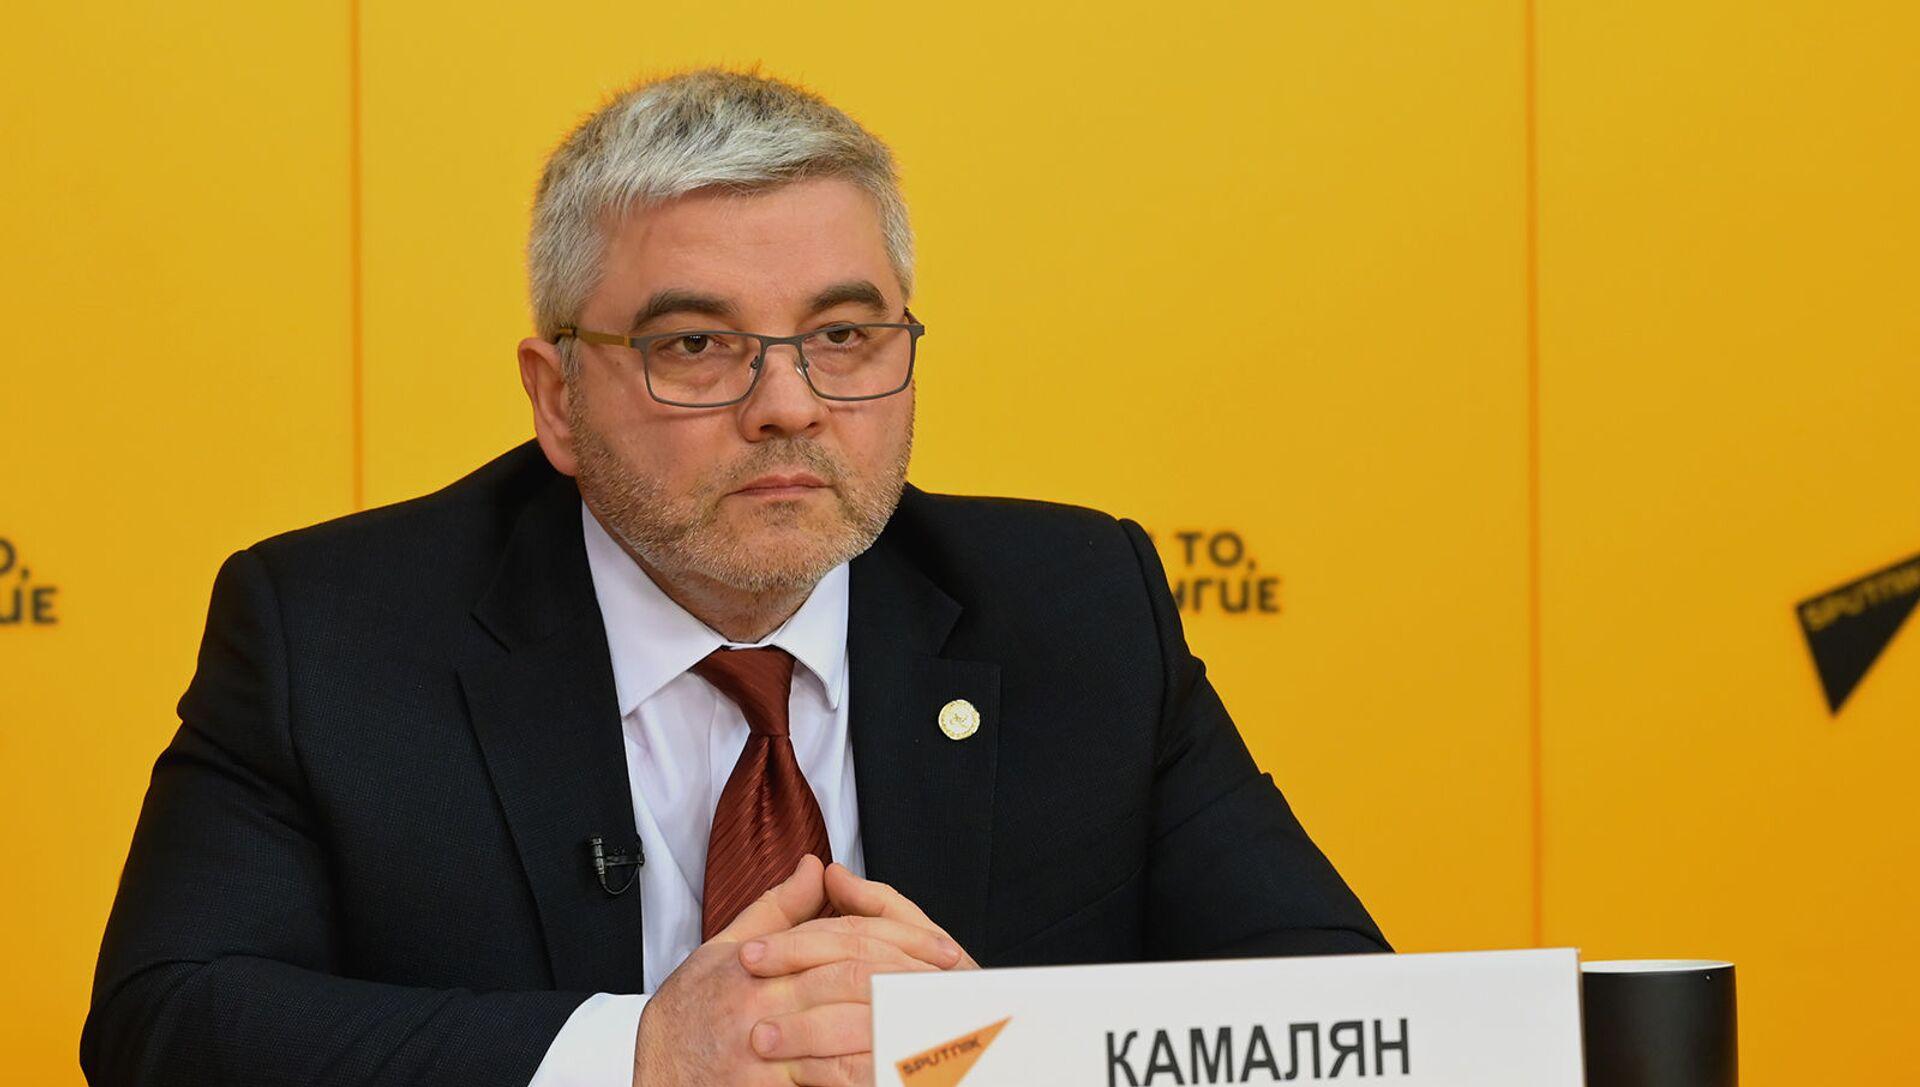 Министр по промышленности и агропромышленному комплексу ЕЭК Артак Камалян - Sputnik Արմենիա, 1920, 21.05.2021